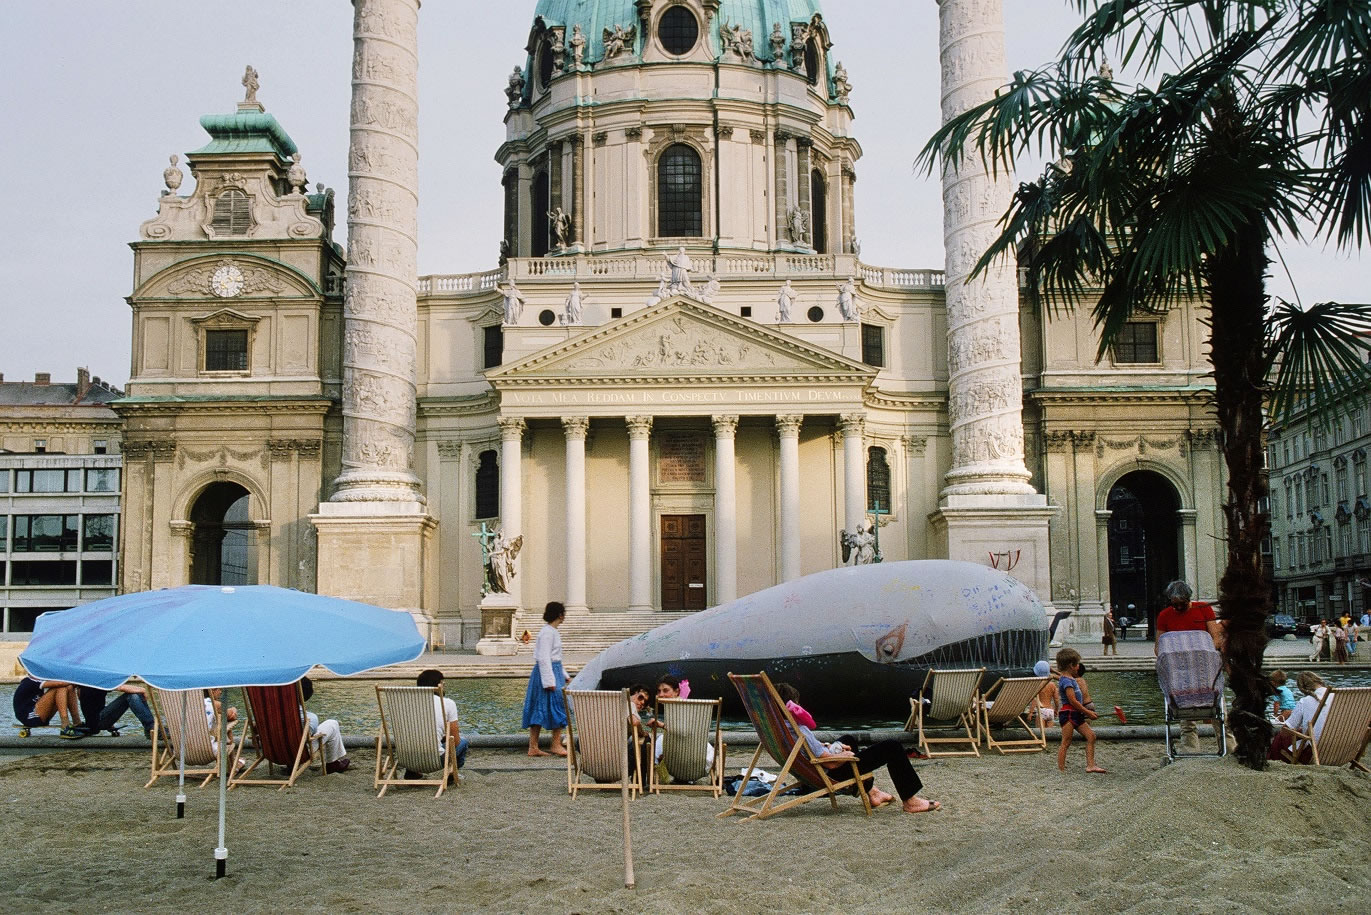 Margot Pilz | Bunt Waal | Kaorle am Karlsplatz 1982 | 2019 | Auflage 1 von 3 | Pigmentdruck auf Baryta | 40x57cm | Art Austia 2019 | Galerie3